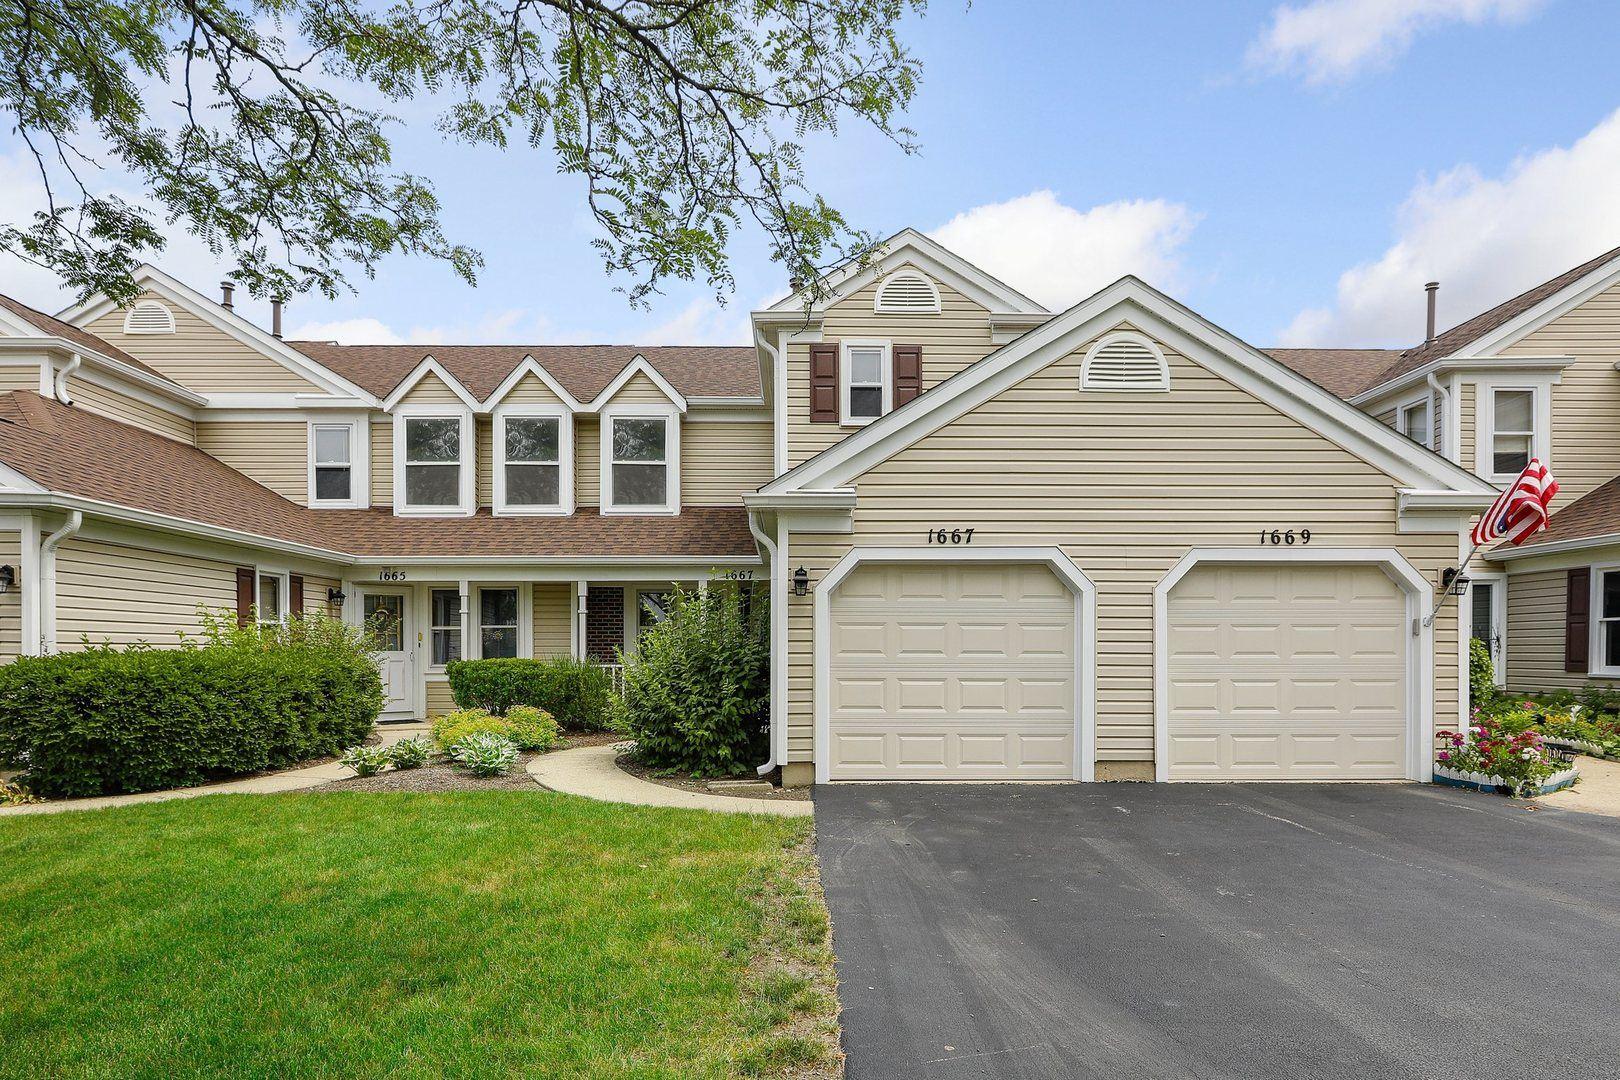 1667 Vermont Drive, Elk Grove Village, IL 60007 - #: 10747492